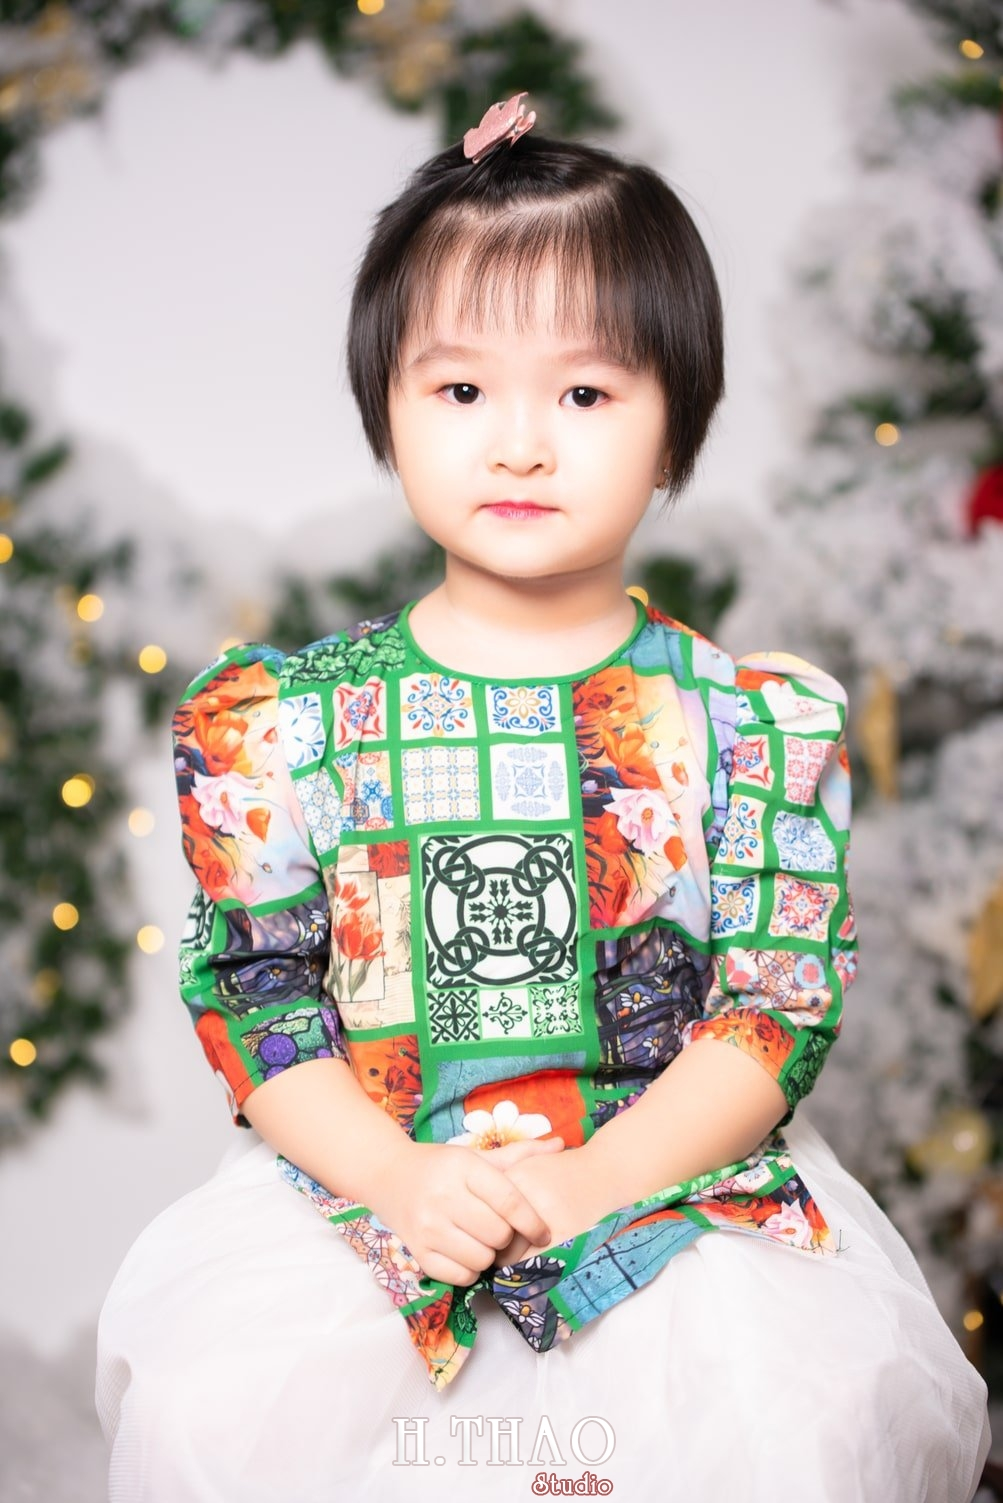 Anh be noel 27 - Album ảnh noel chụp cho con gái cưng chị Linh - HThao Studio